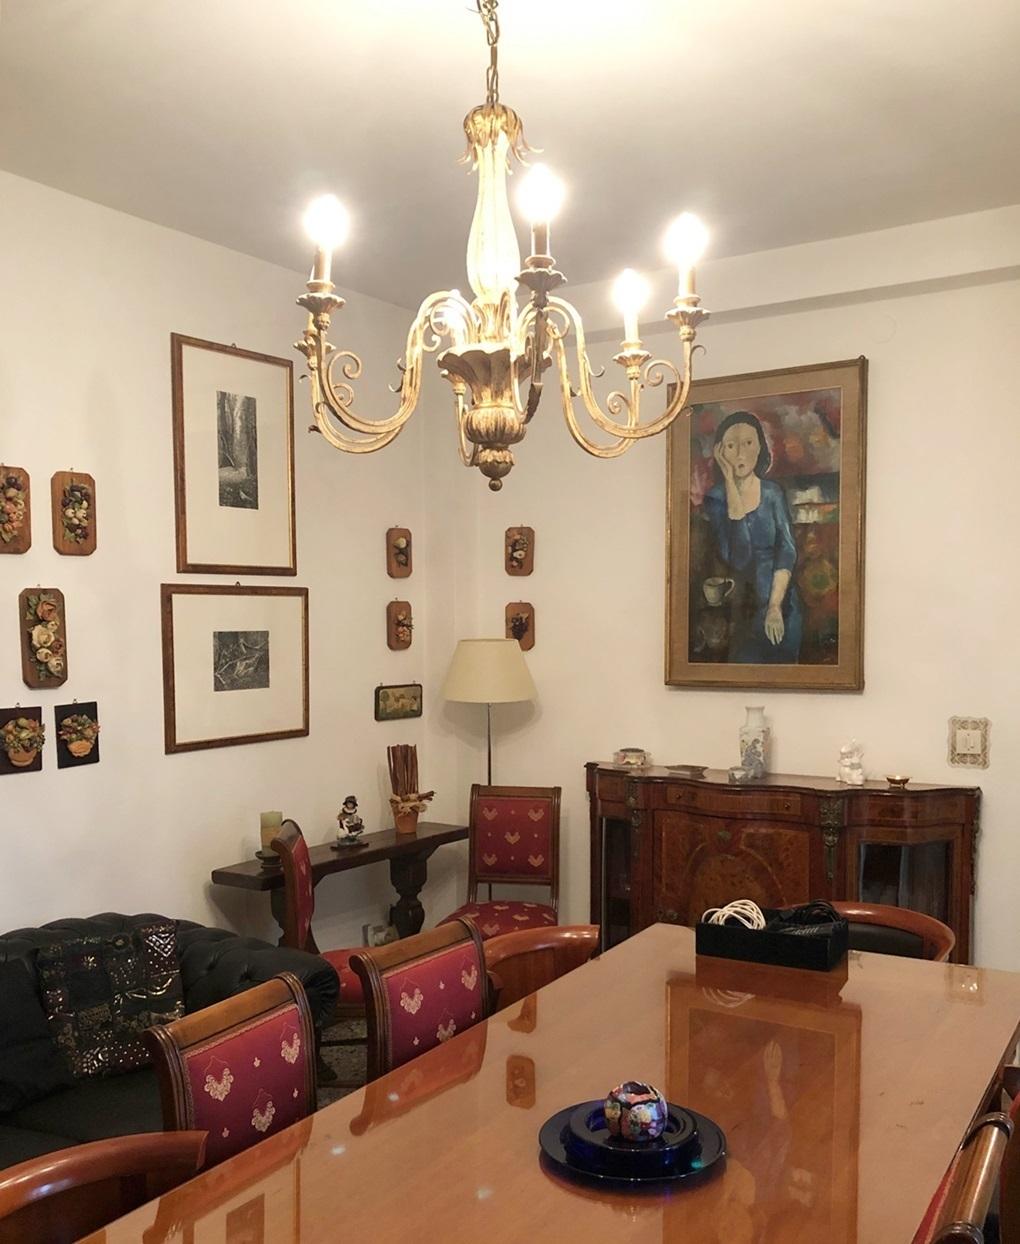 APPARTAMENTO in Affitto a Quartiere Don Bosco, Brescia (BRESCIA)